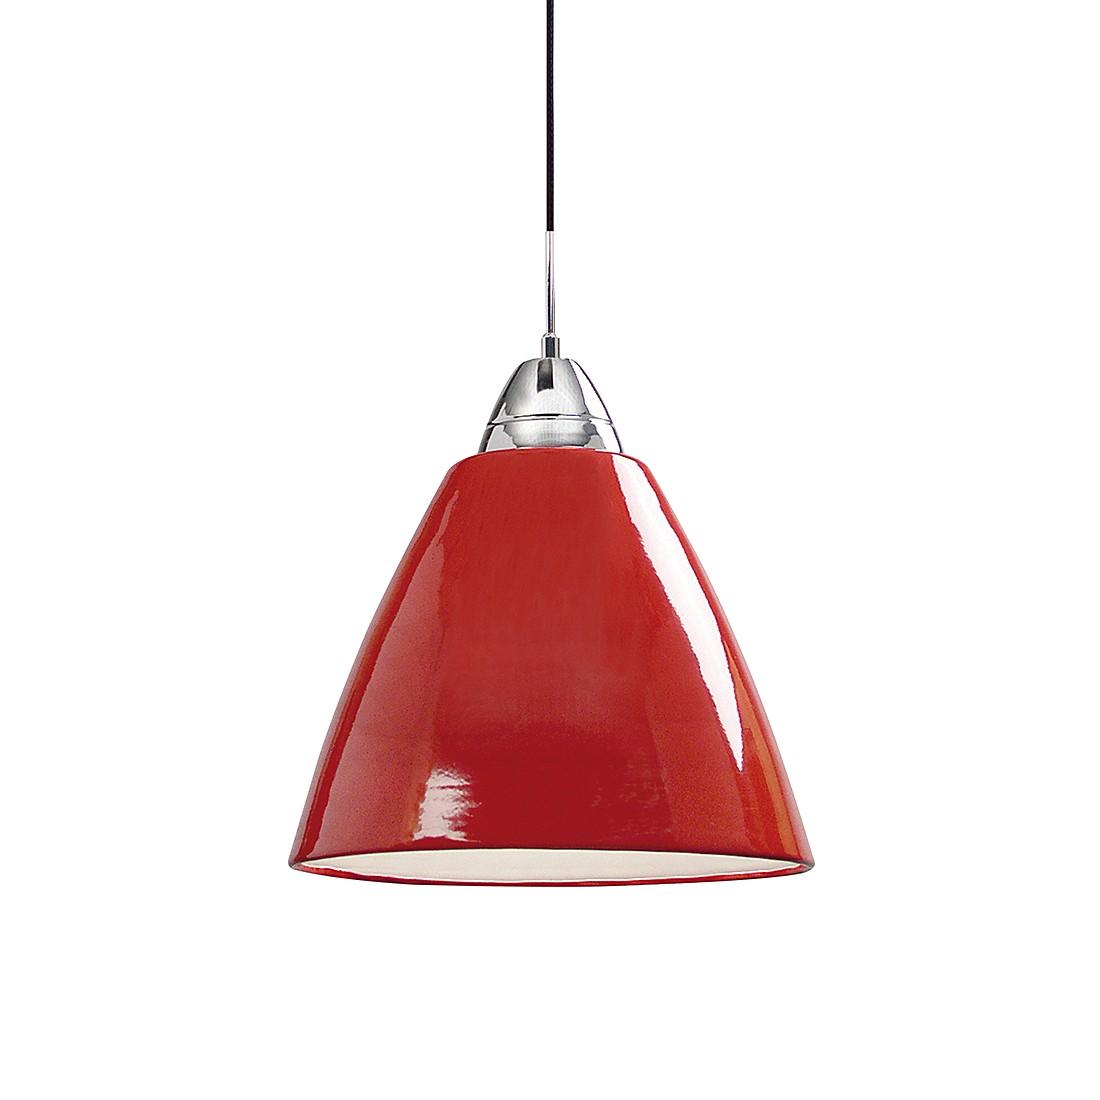 Pendelleuchte Read – Metall Rot – Durchmesser 14cm, Nordlux günstig bestellen